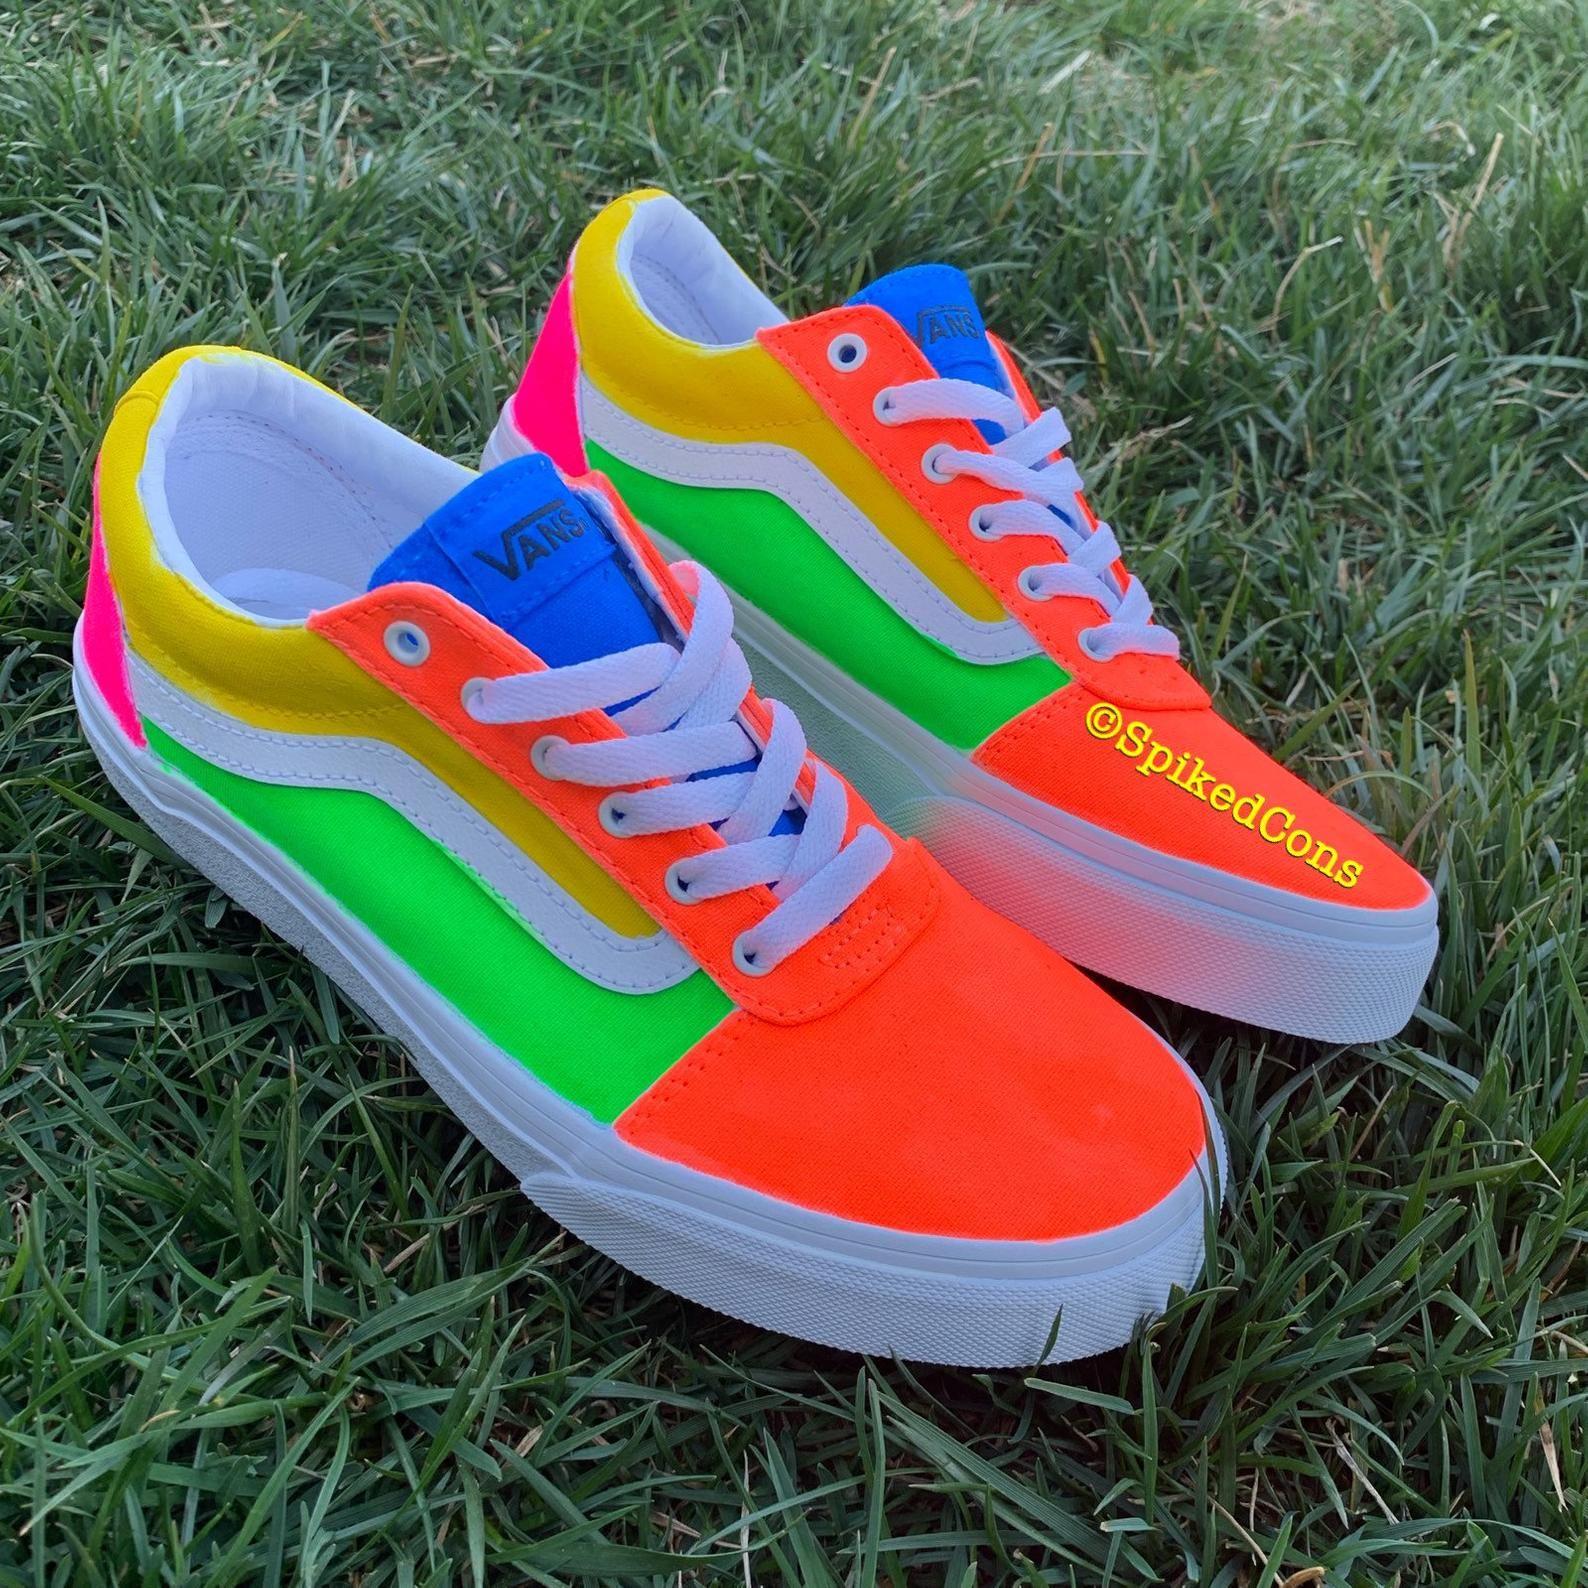 Neon vans, Neon shoes, Rainbow vans